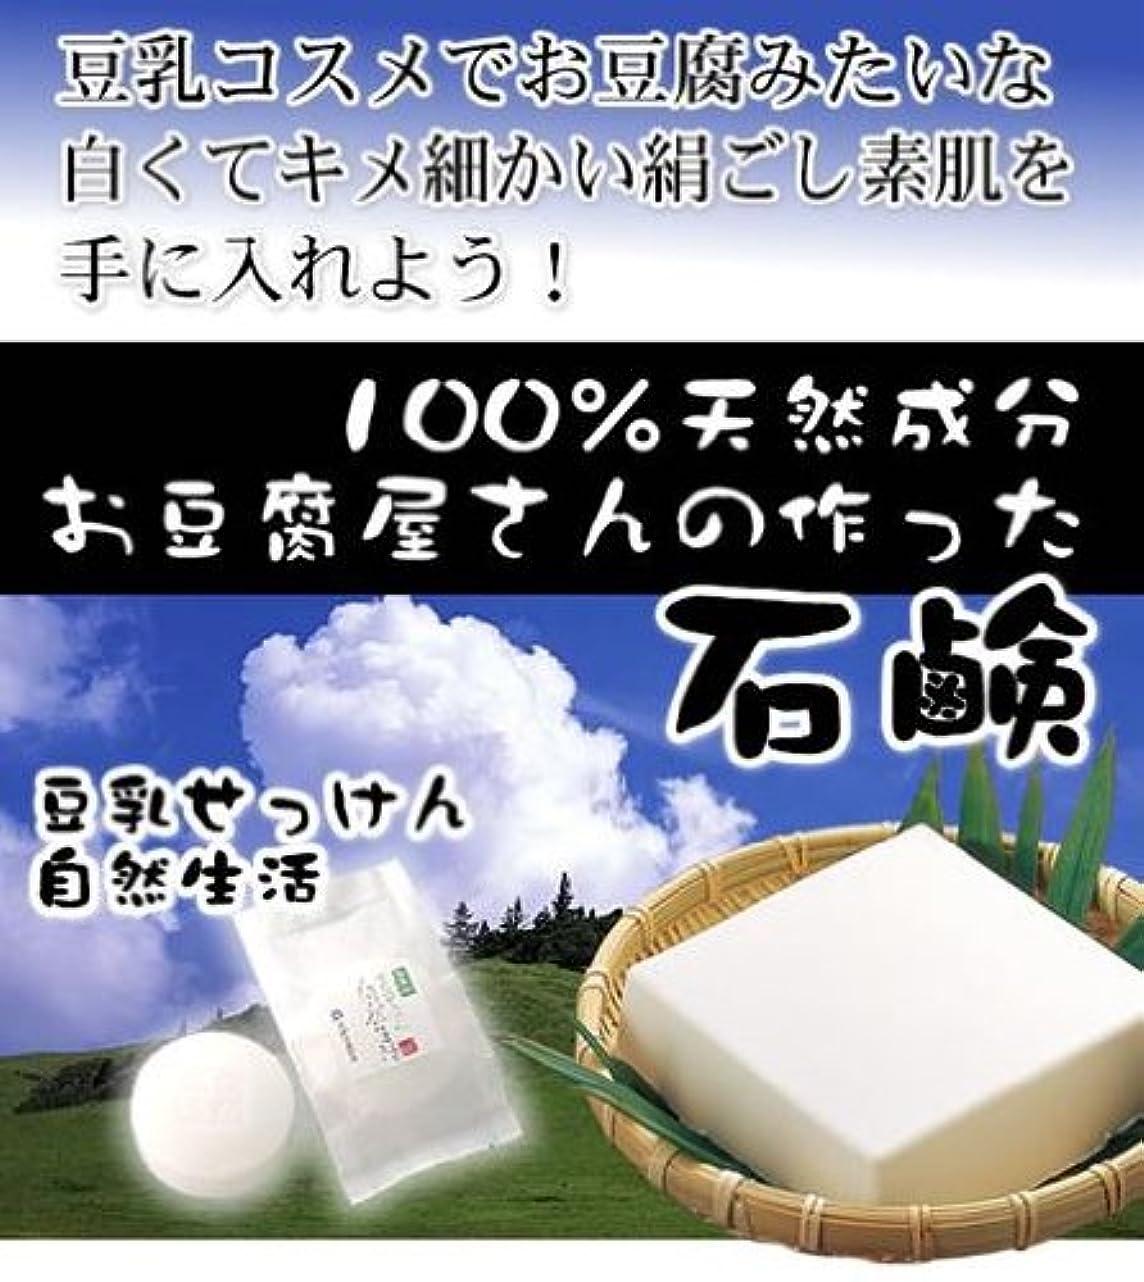 機械批判的入植者豆腐の盛田屋 豆乳せっけん 自然生活/引越し/新生活/プレゼント/ギフト